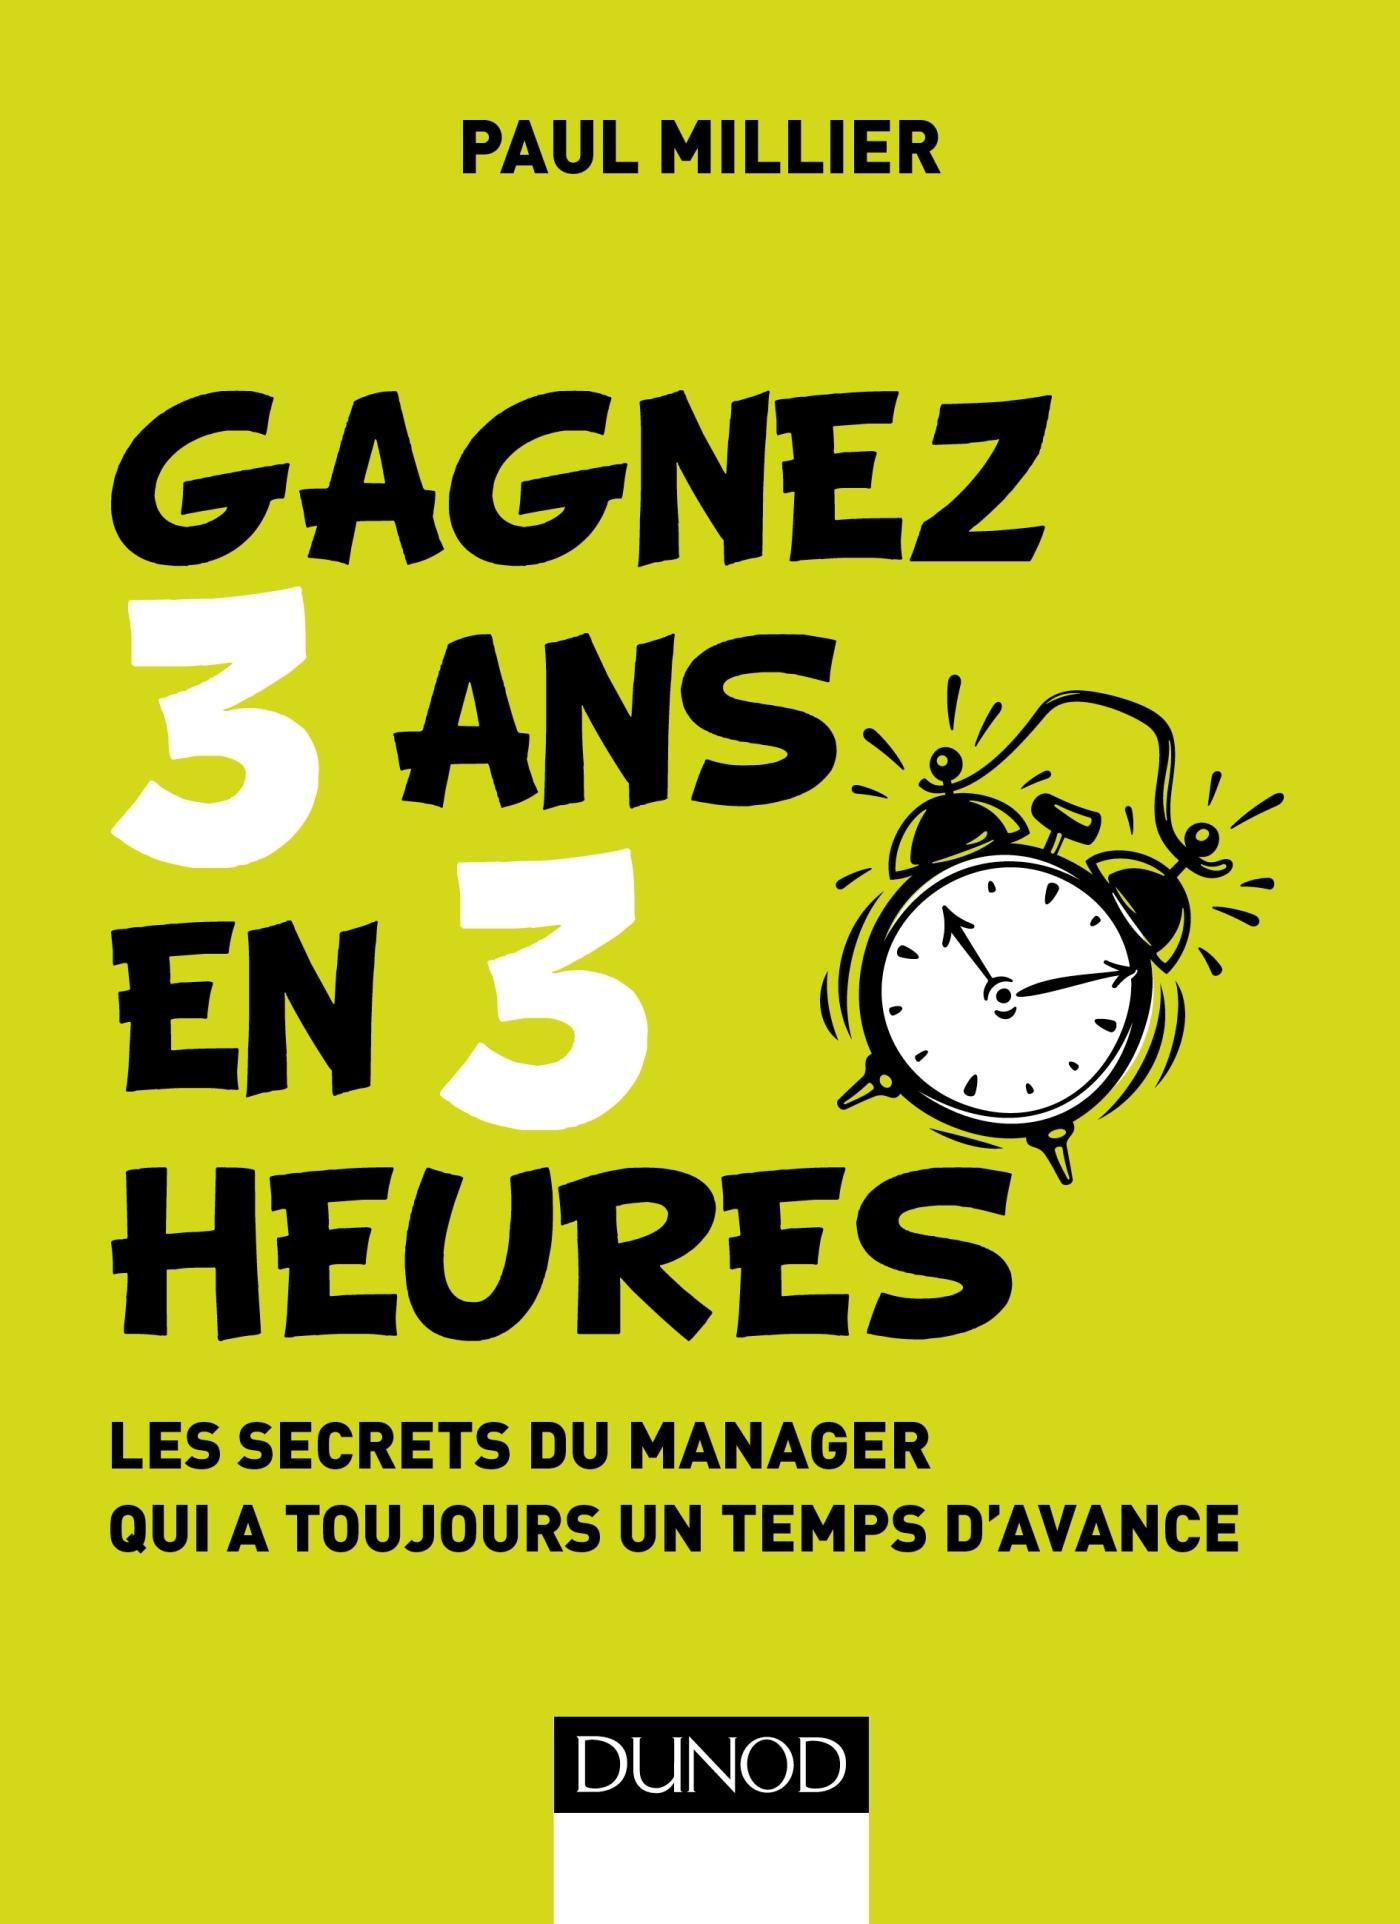 MANAGEMENT - T1 - GAGNEZ 3 ANS EN 3 HEURES - LES SECRETS DU MANAGER QUI A TOUJOURS UN TEMPS D'AVANCE